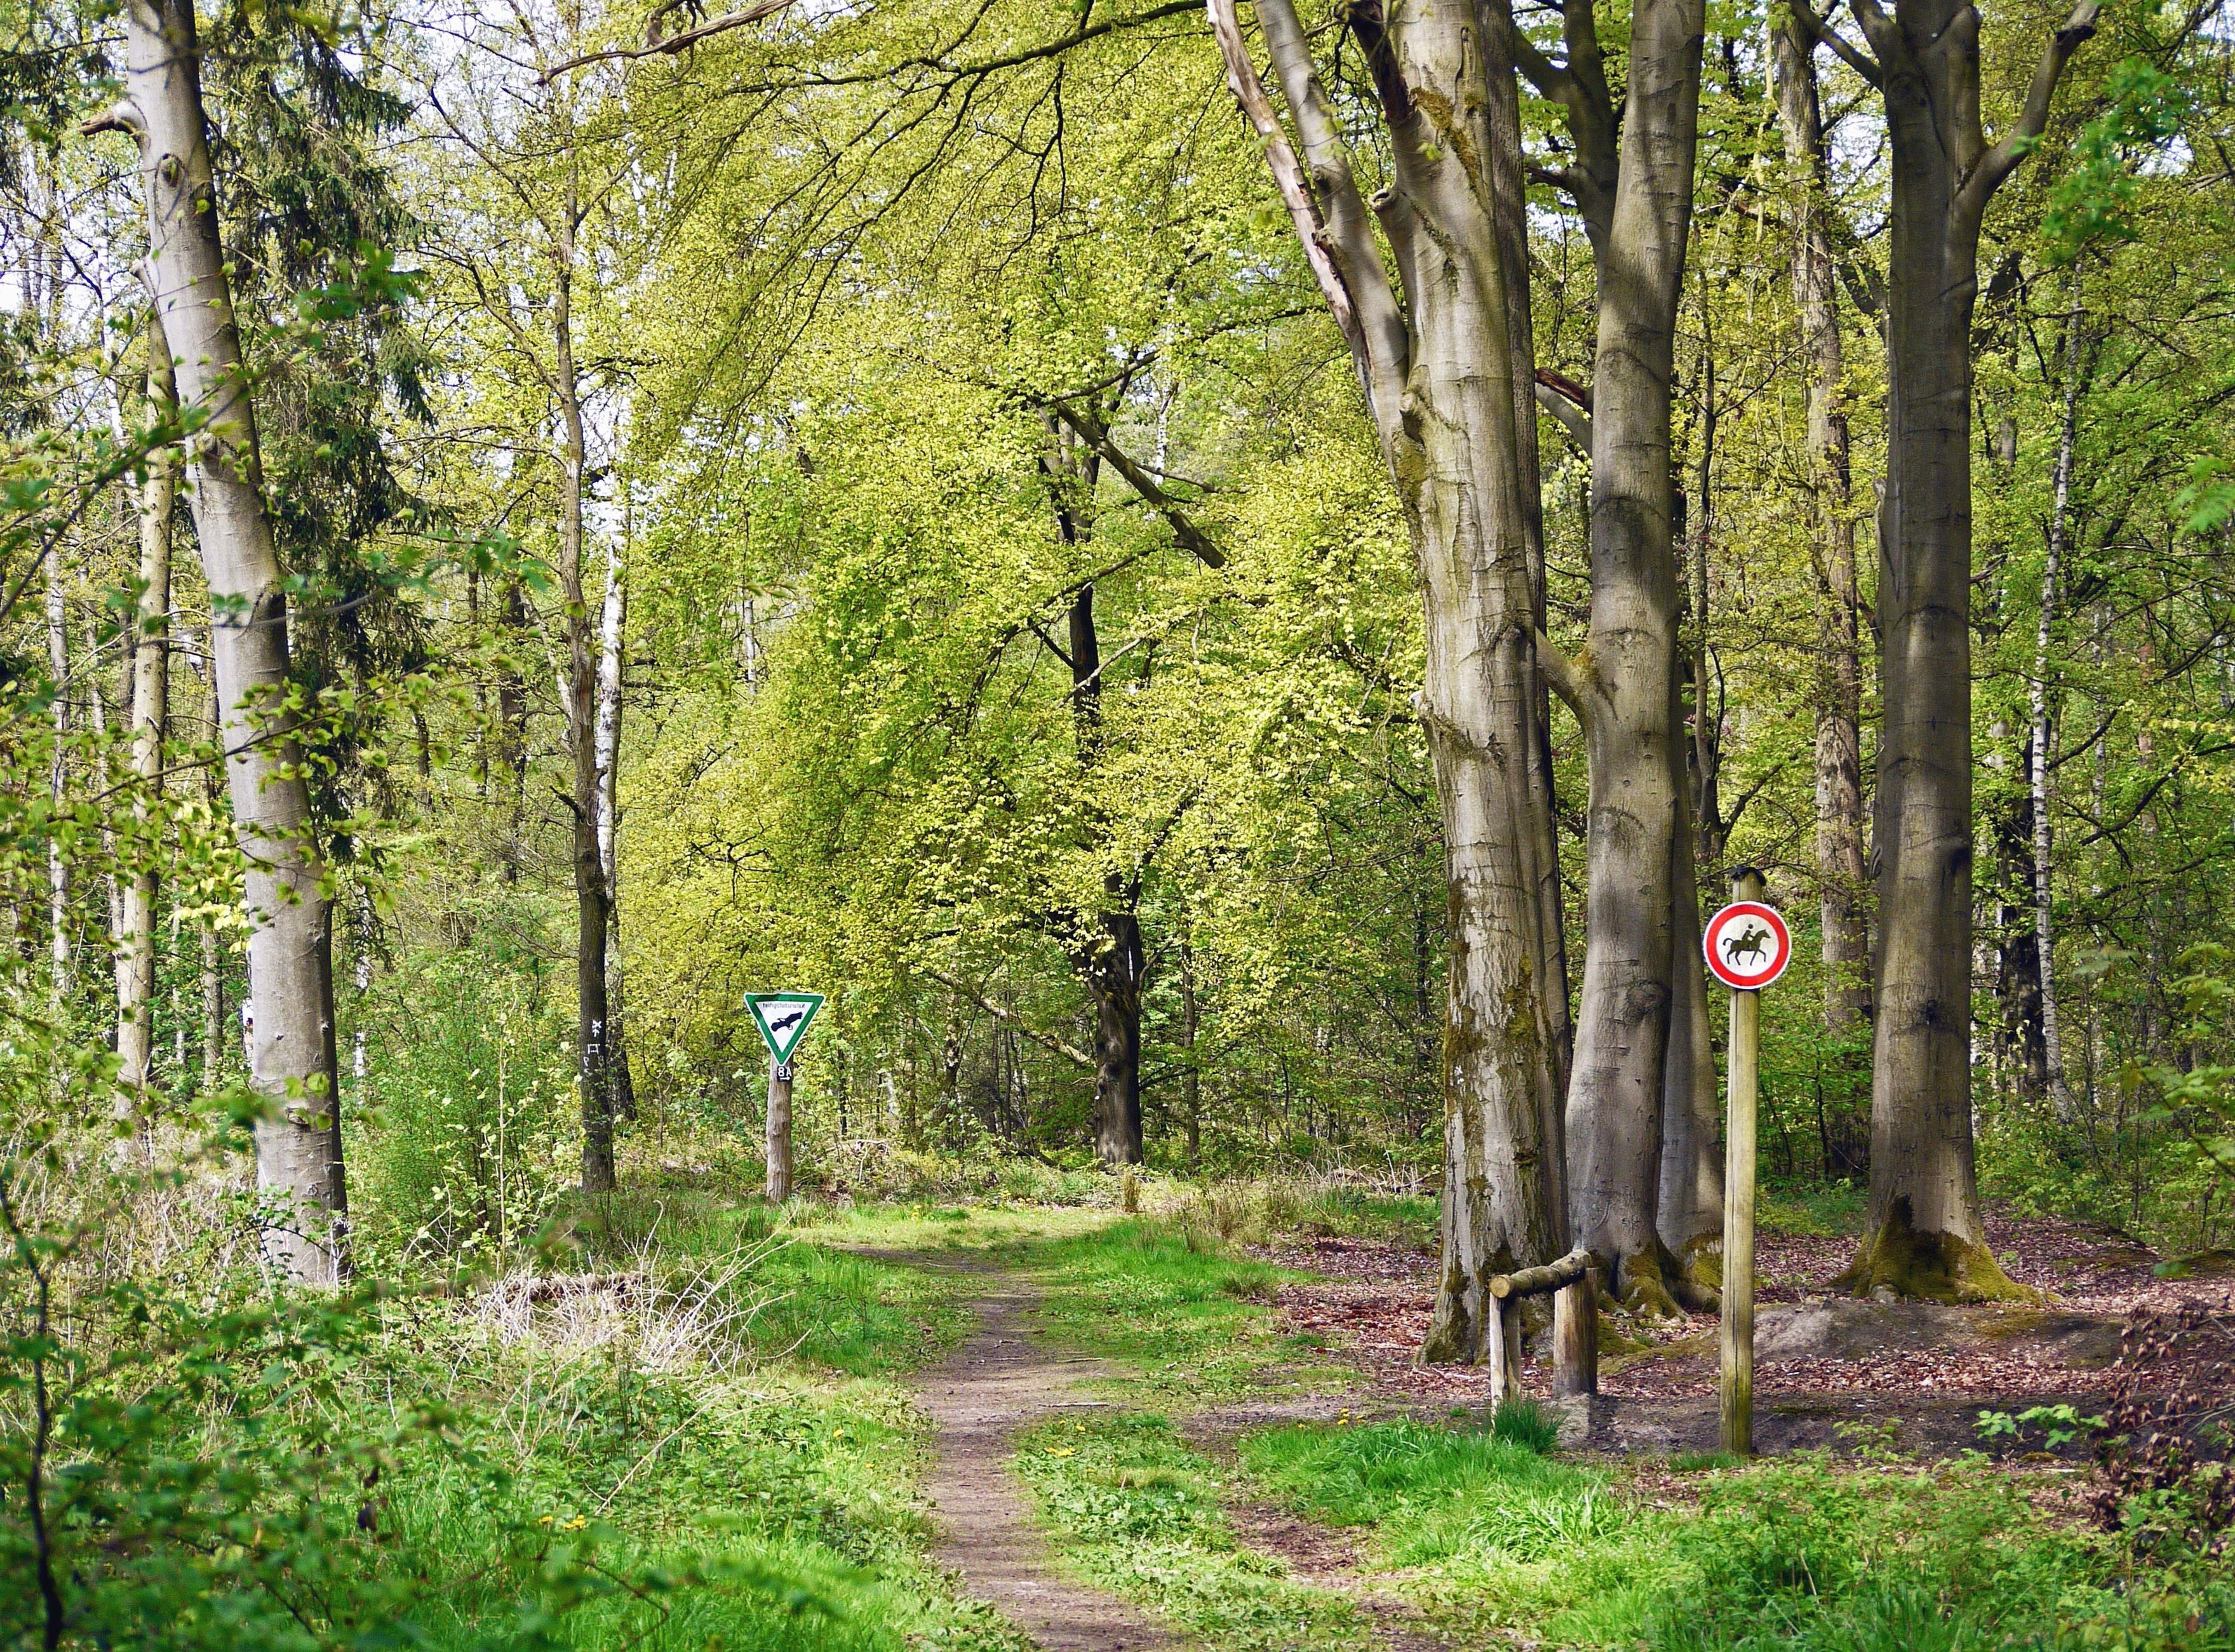 Très Image libre: Arbre, forêt, arbres, herbe, parc, été, plante, ciel ZA77